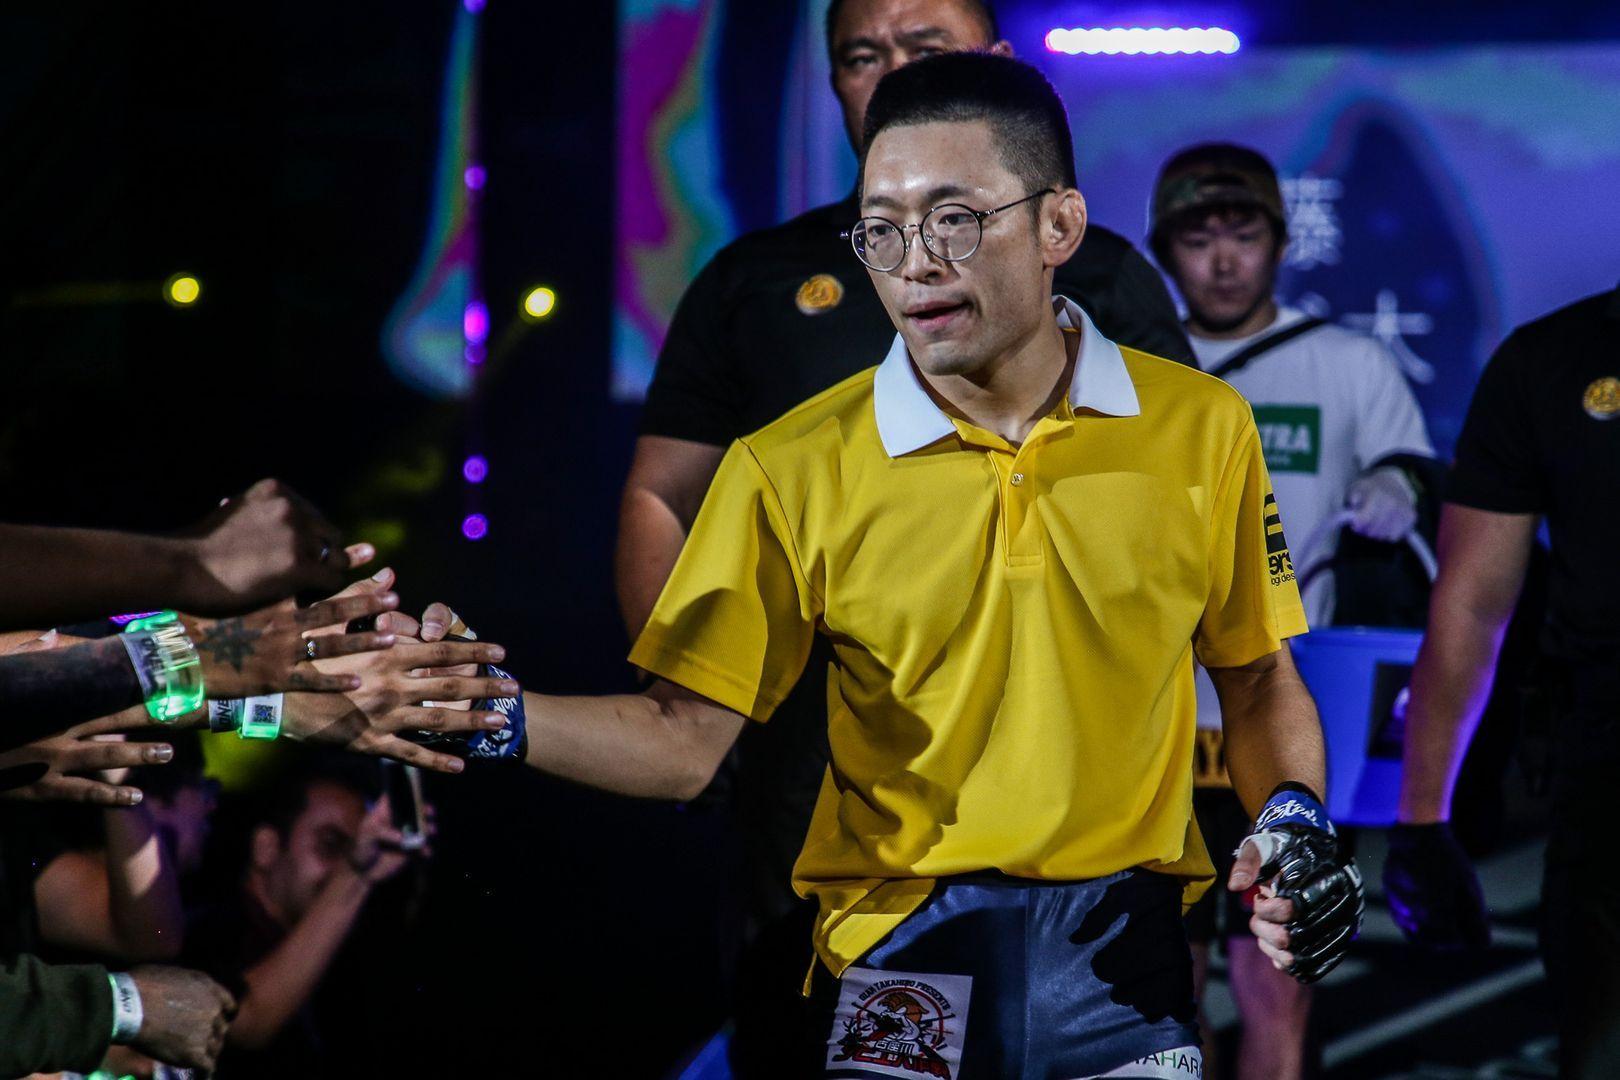 Japanese mixed martial artist Yoshitaka Naito walks to the Circle dressed as Nobita